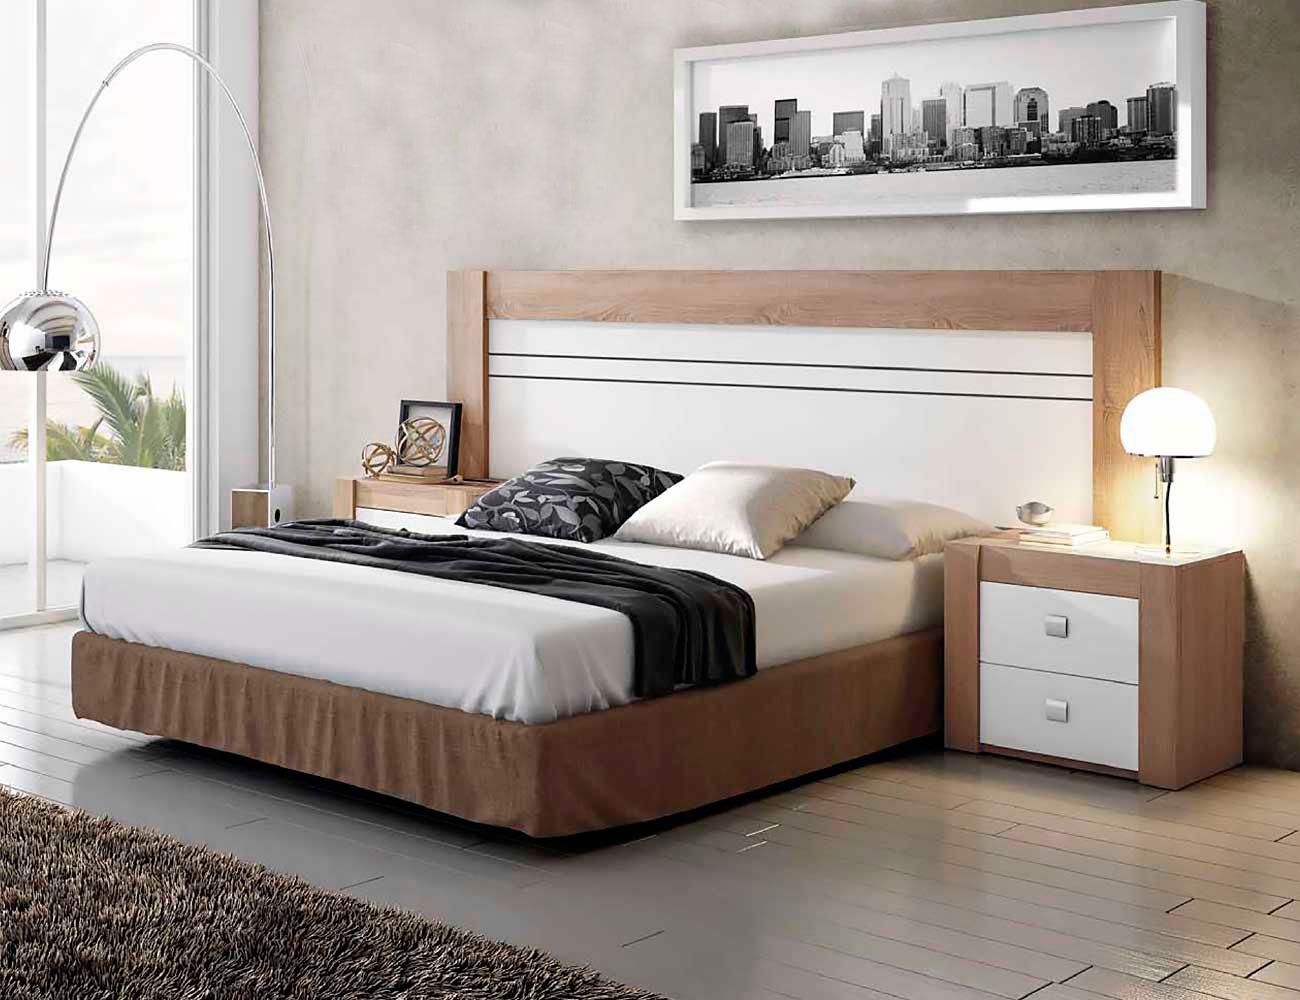 Dormitorio moderno mesitas noche cambrian blanco 01